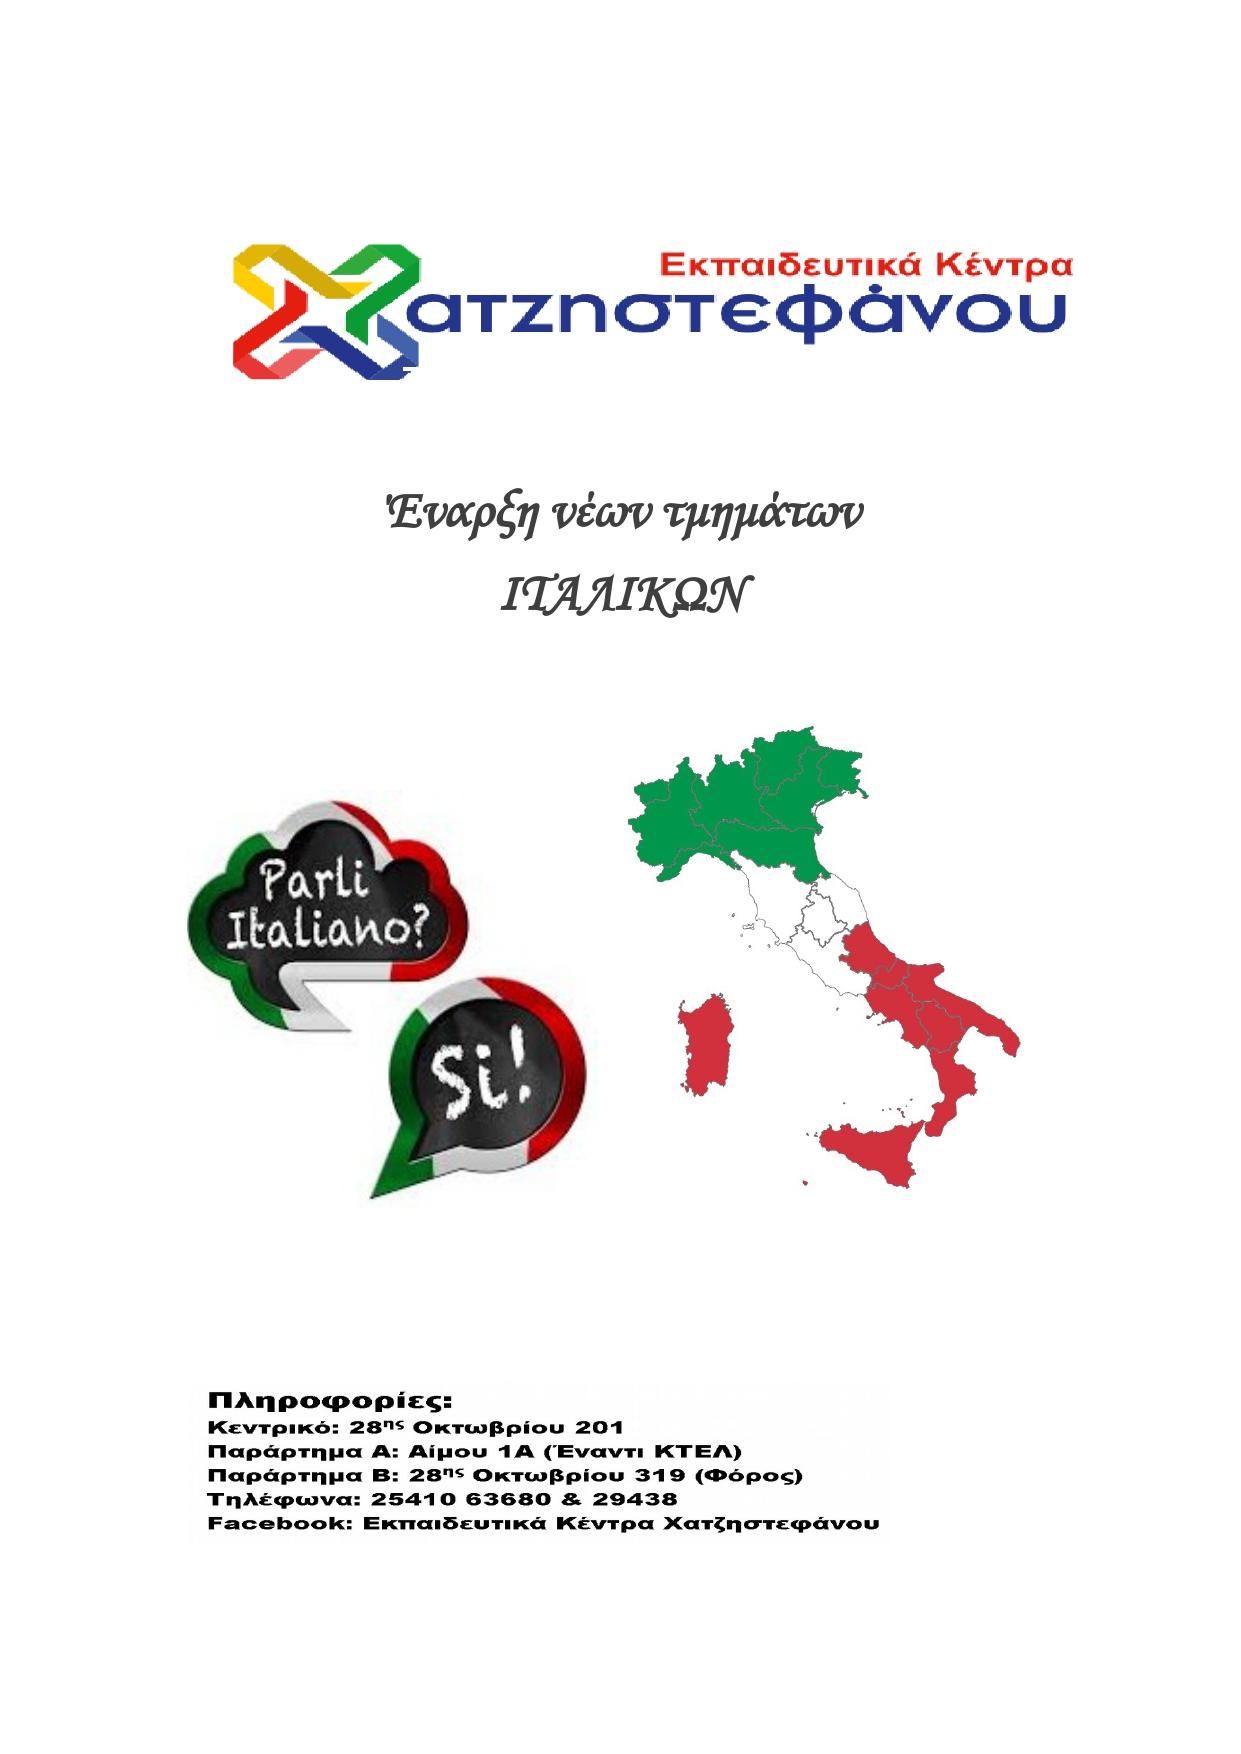 Νέα Τμήματα Ιταλικών στα Εκπαιδευτικά Κέντρα Χατζηστεφάνου